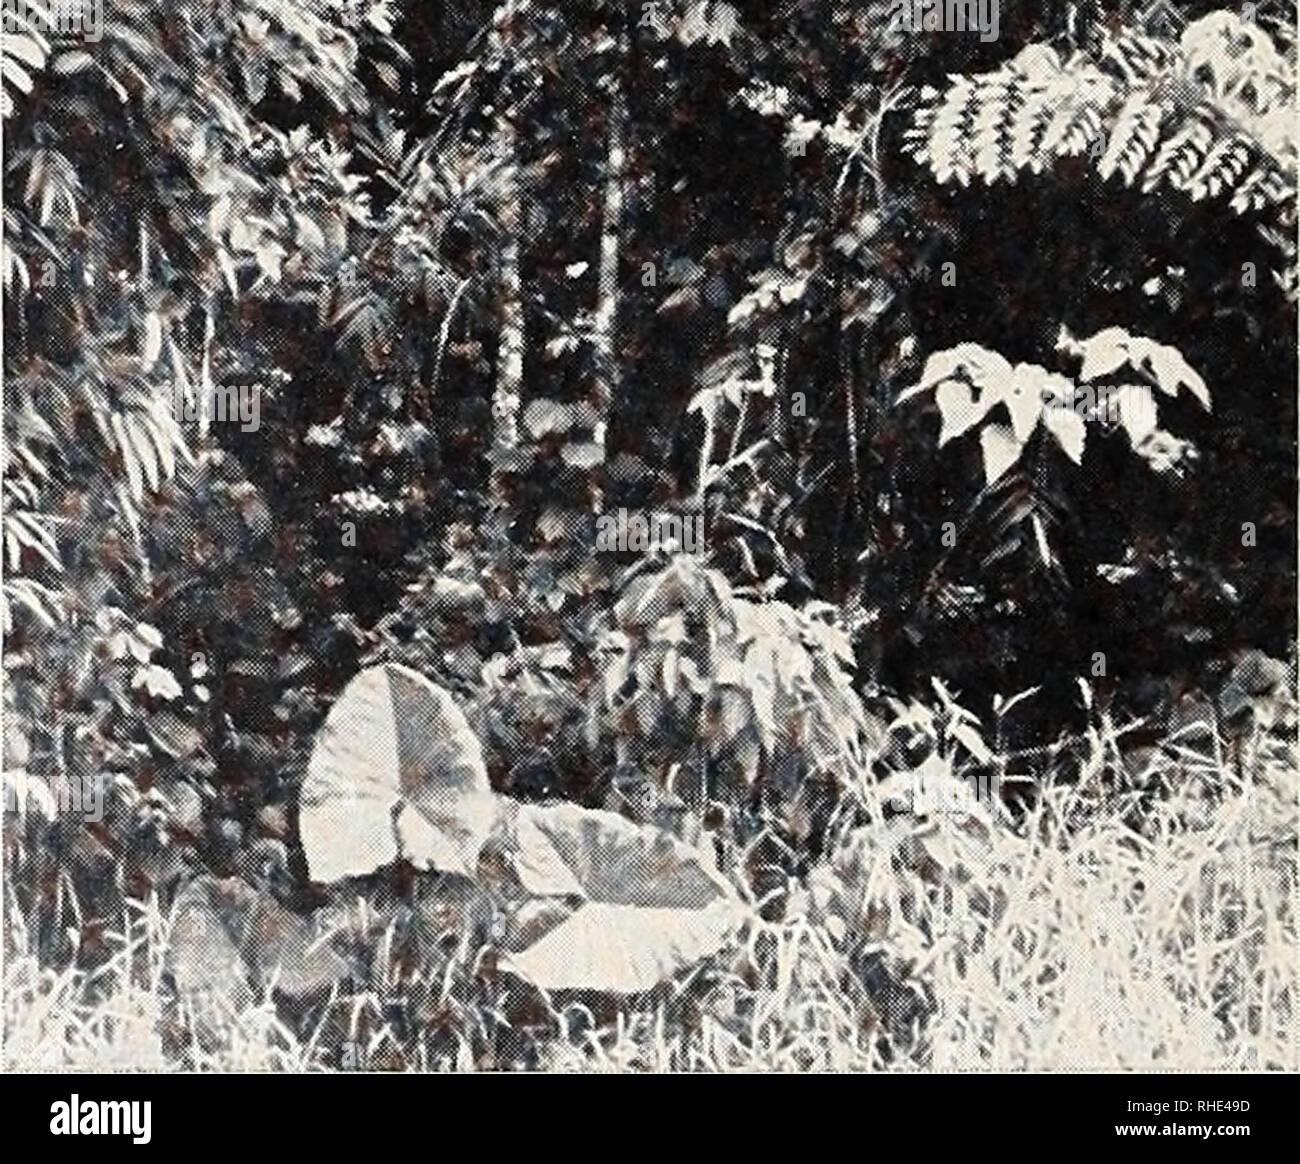 . Bonner zoologische Beiträge : Herausgeber: Zoologisches Forschungsinstitut und Museum Alexander Koenig, Bonn. Biology; Zoology. 164 K.-H. Lüling zooi Beitr. color. 2 Dutzend wurden von mir dort gefangen, einige davon in Alkohol und Bouin konserviert, andere lebend mitgenommen, von denen allerdings in den ersten Tagen einige eingingen (Fangschock?). 14 ausgefärbte Tiere (2 davon noch nicht voll erwachsen) transportierte ich nach Europa. In ihrem vegetationsarmen Biotop beobachtete ich die Tiere, wie sie kaum lichtscheu und kaum deckungsbedürftig zwischen der Vegetation saßen, wobei es gar nic - Stock Image